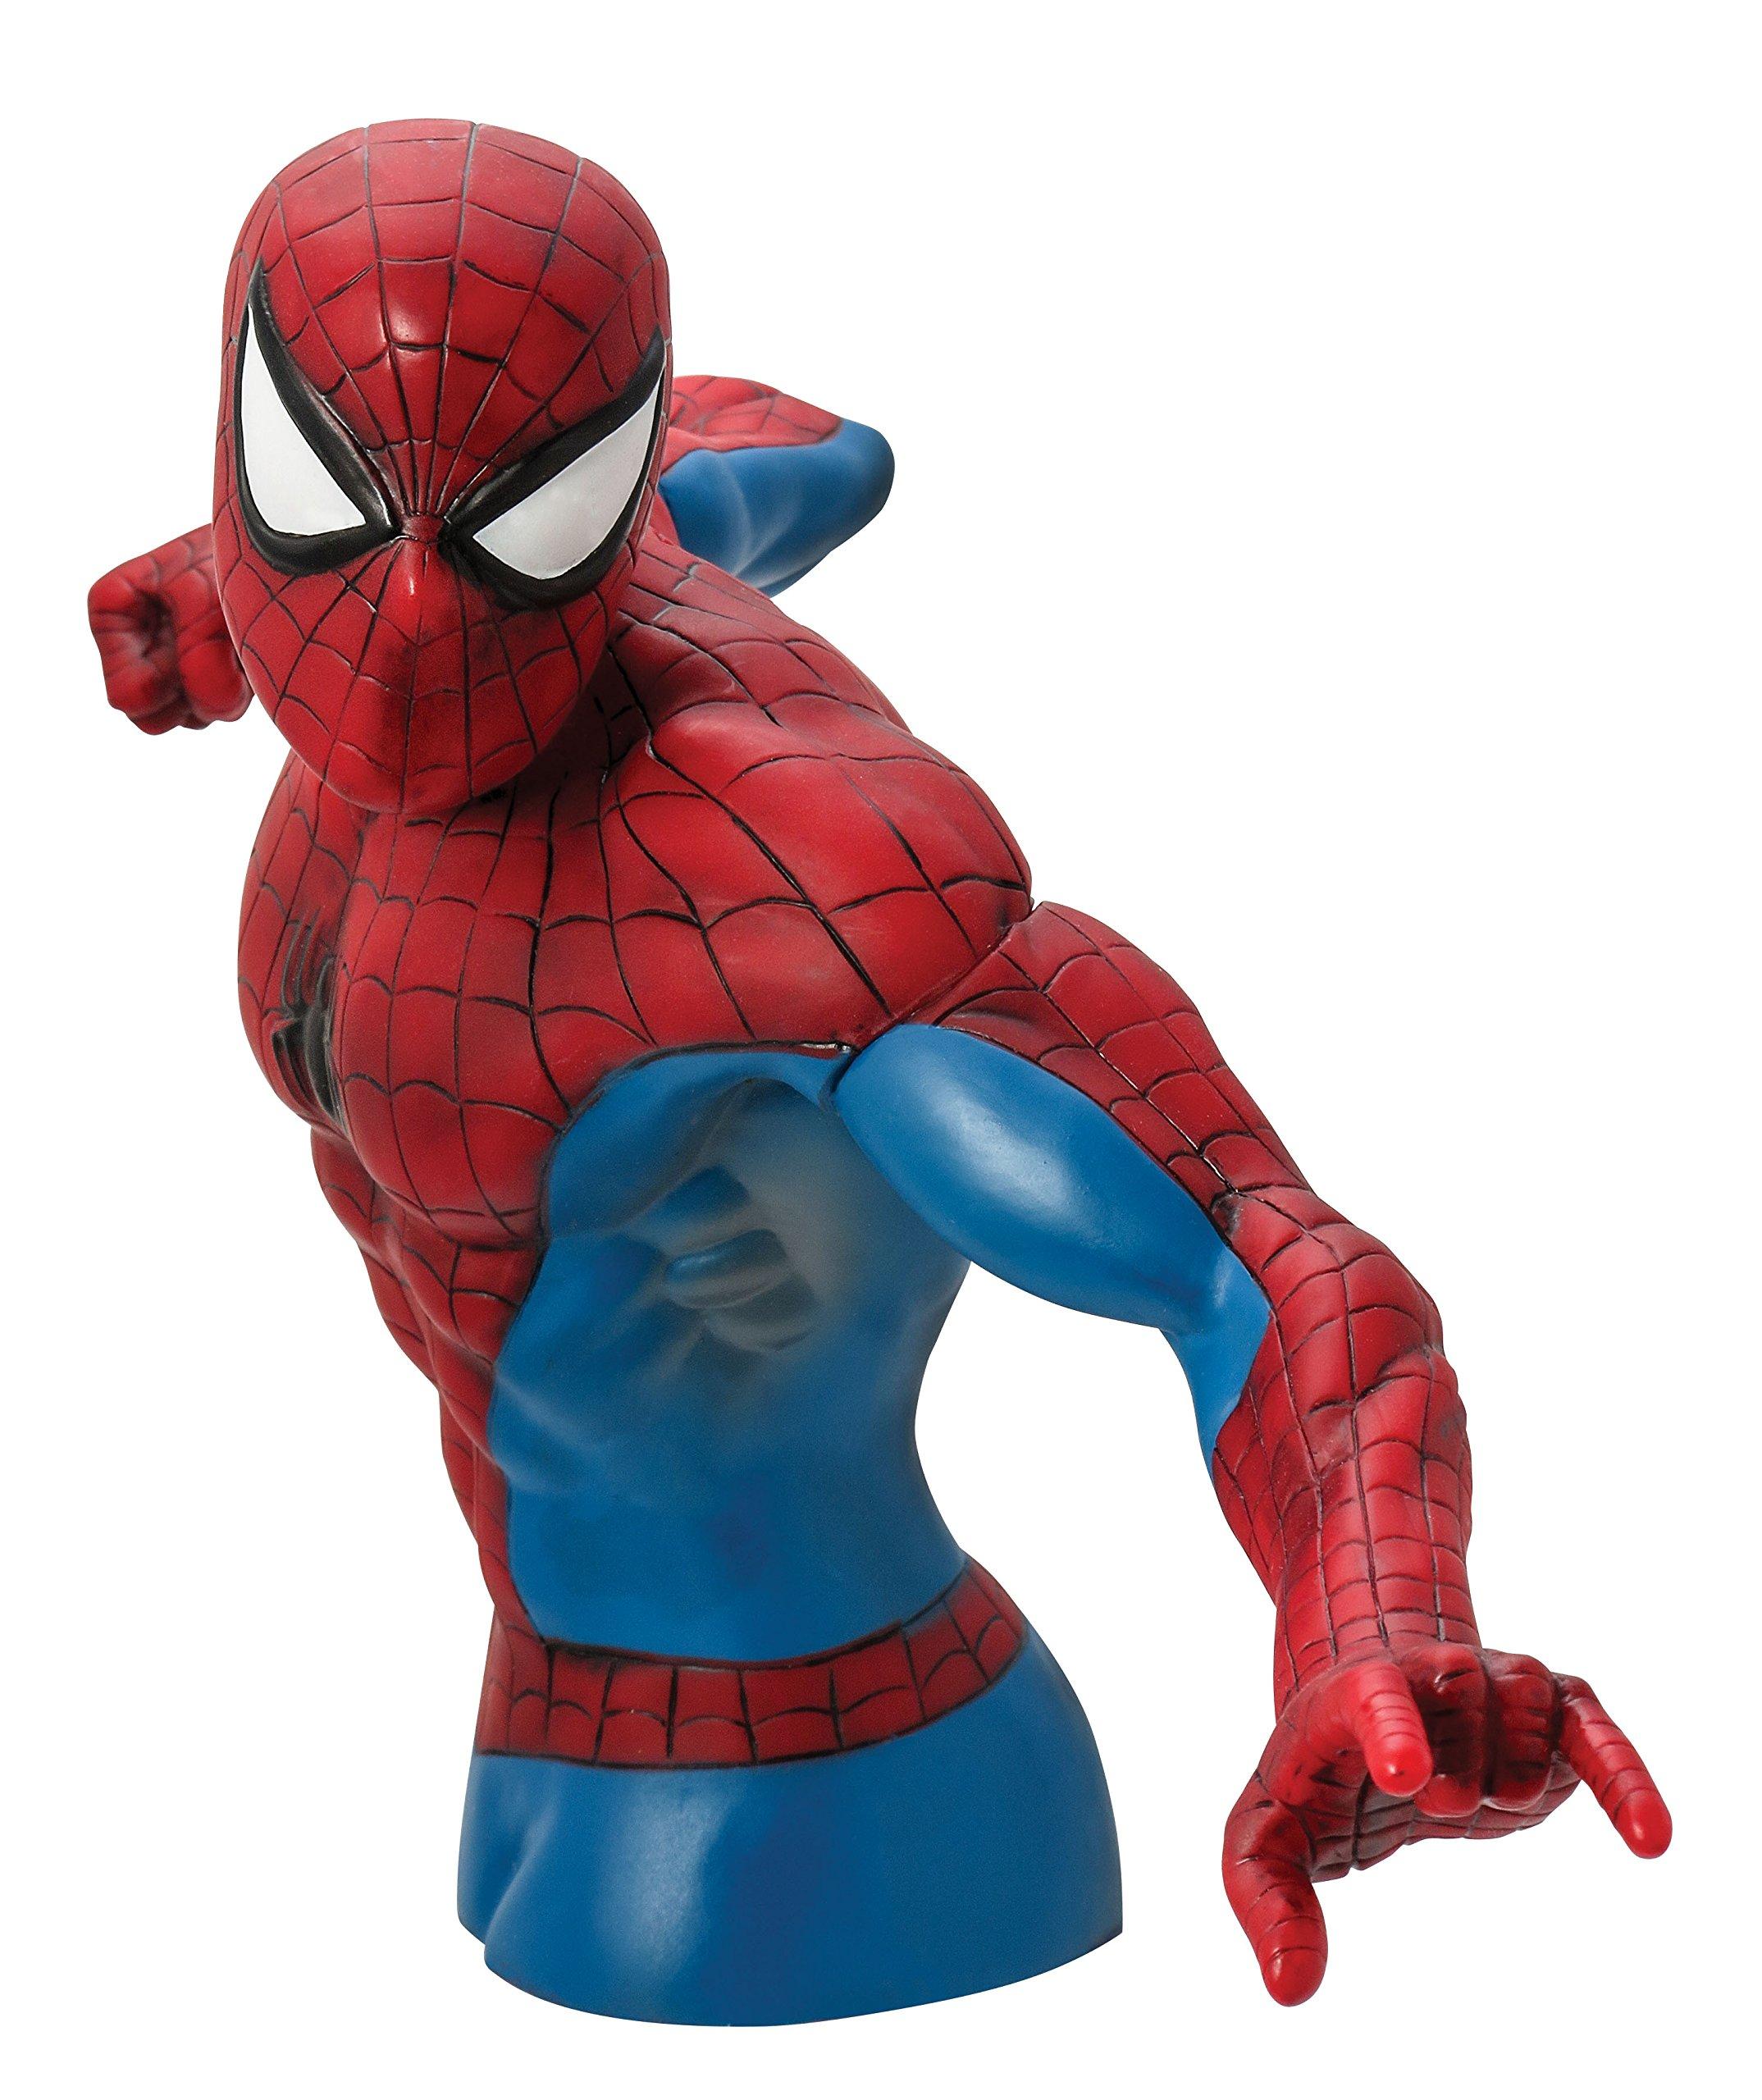 Monogram Spider-Man Action Figure Bust by Monogram